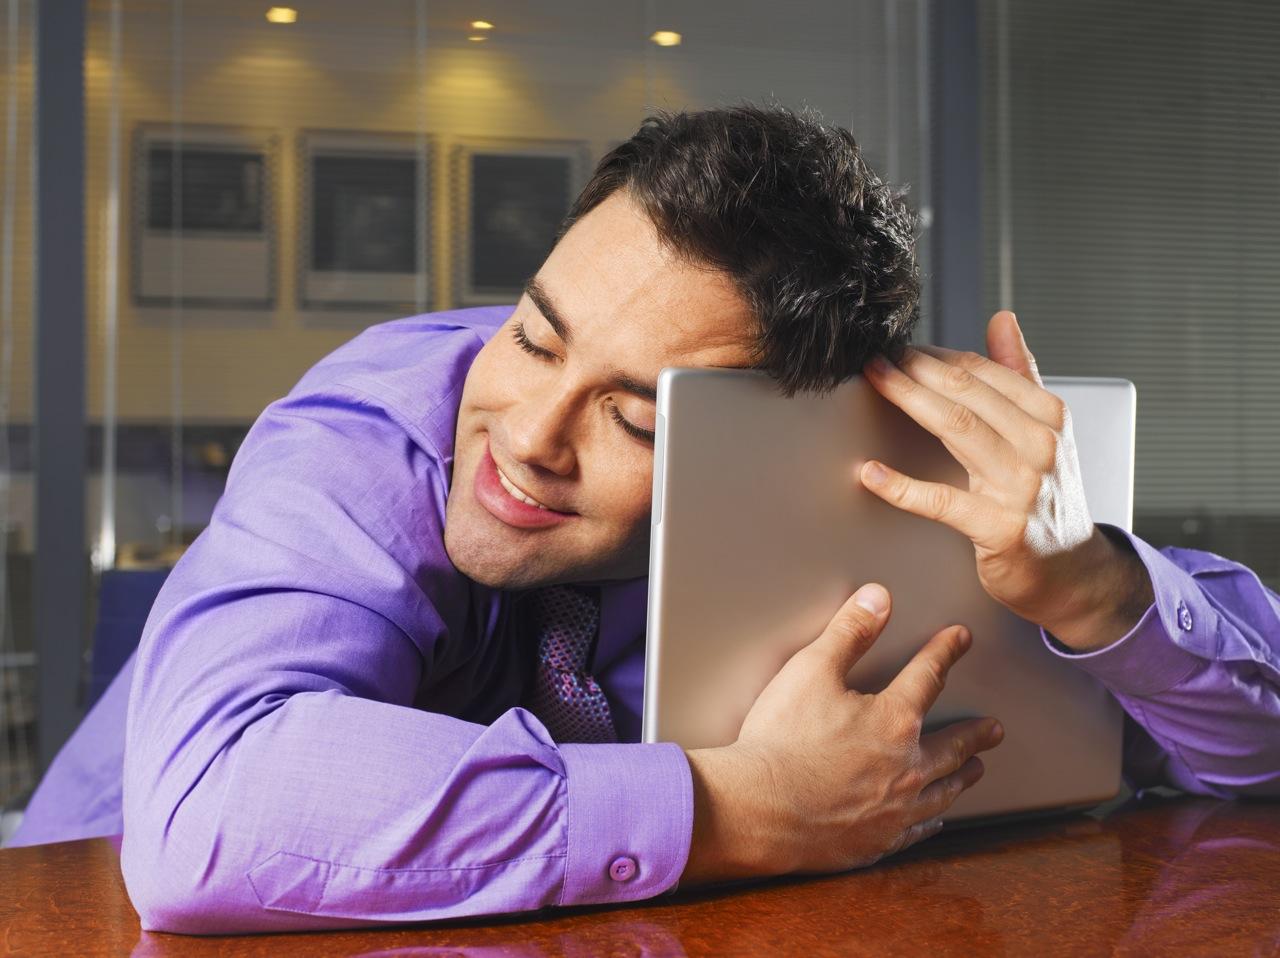 Банальное обращение на «Вы» не теряет своей актуальности в виртуальном пространстве